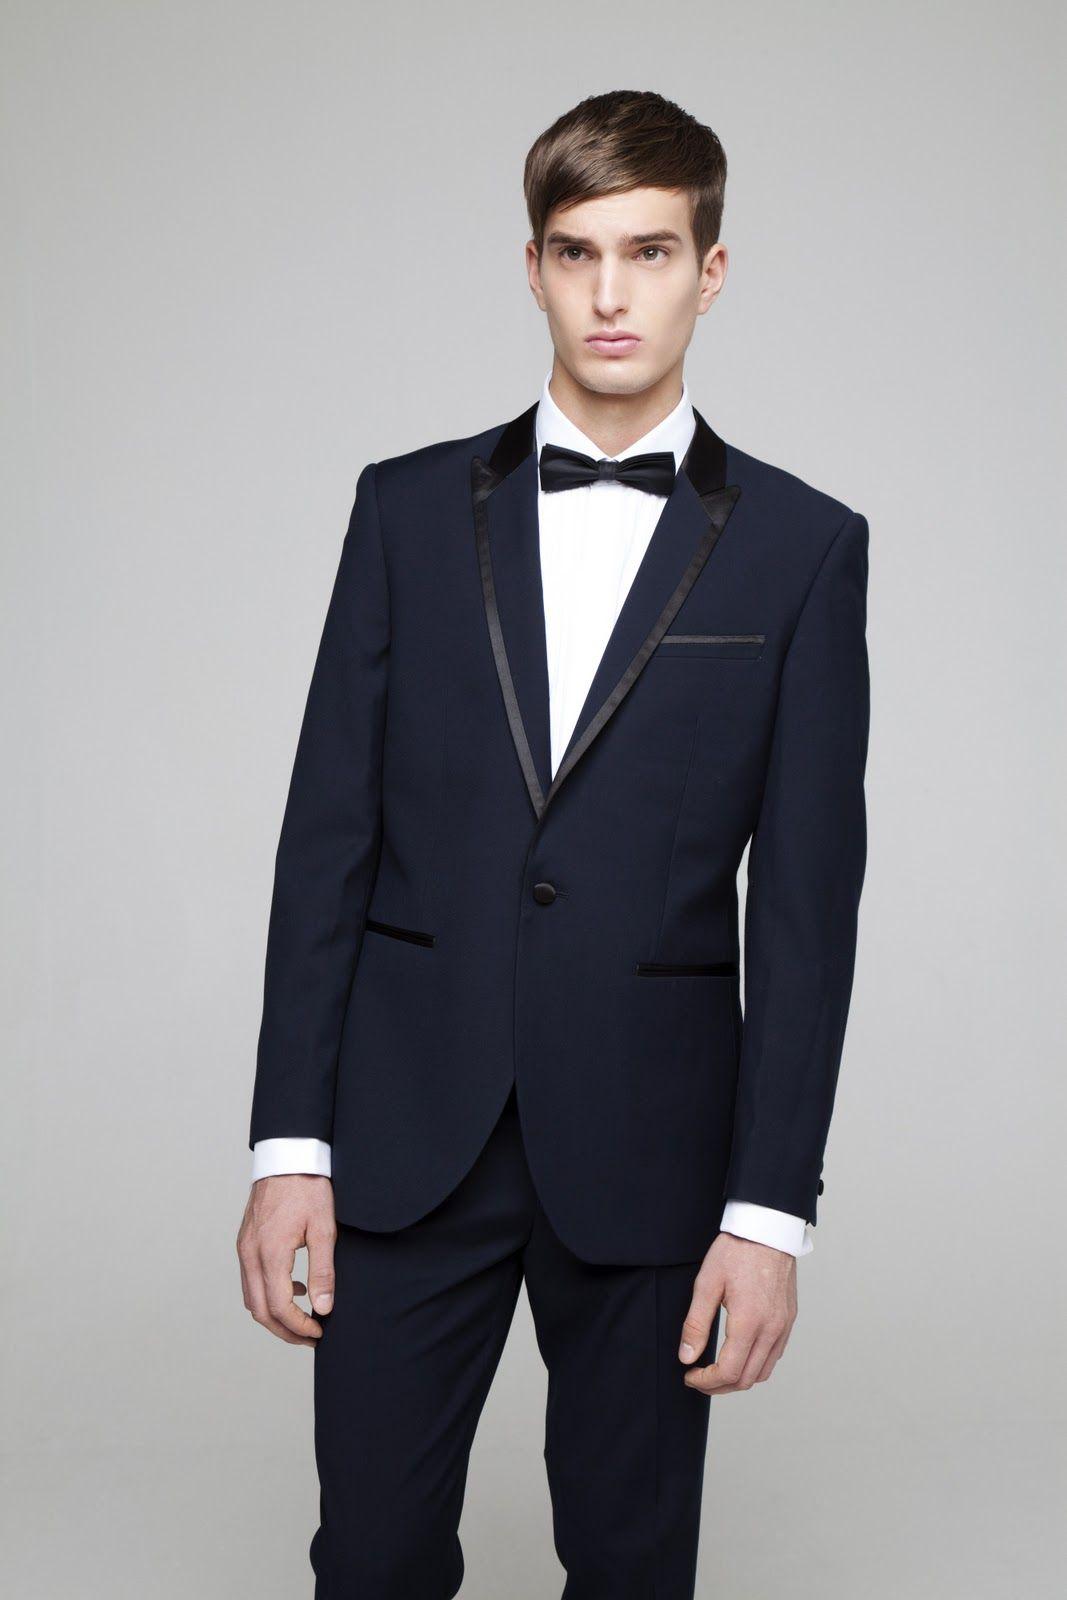 Event tie black what to wear men